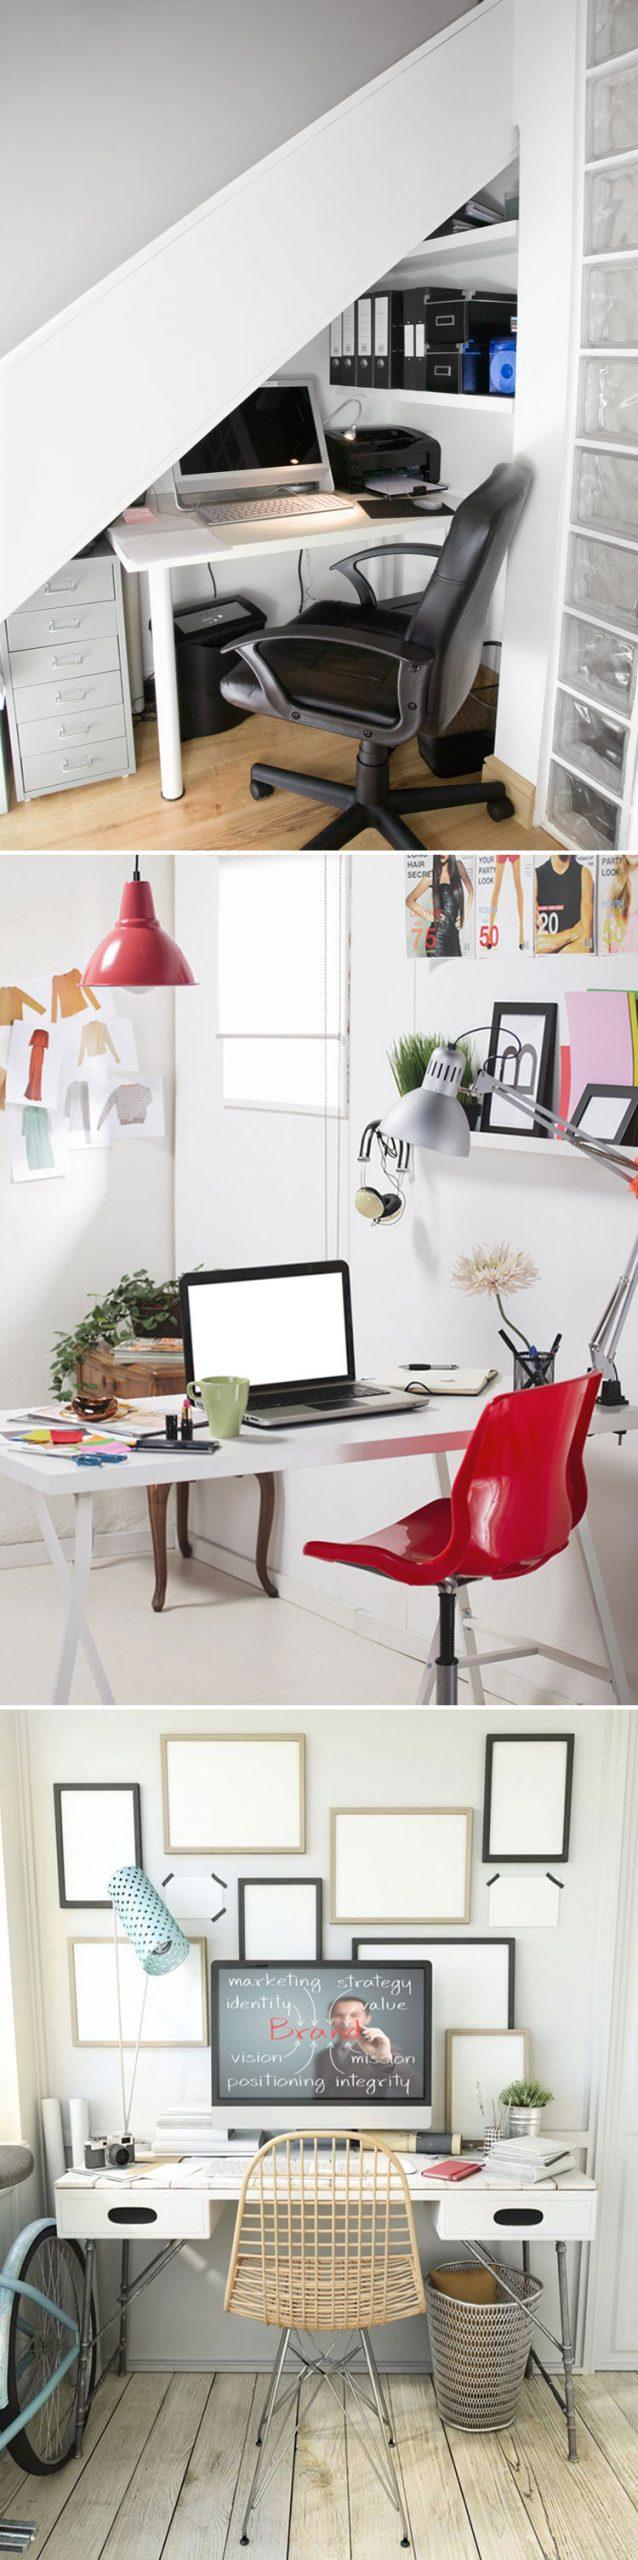 desain-interior-kantor-di-rumah